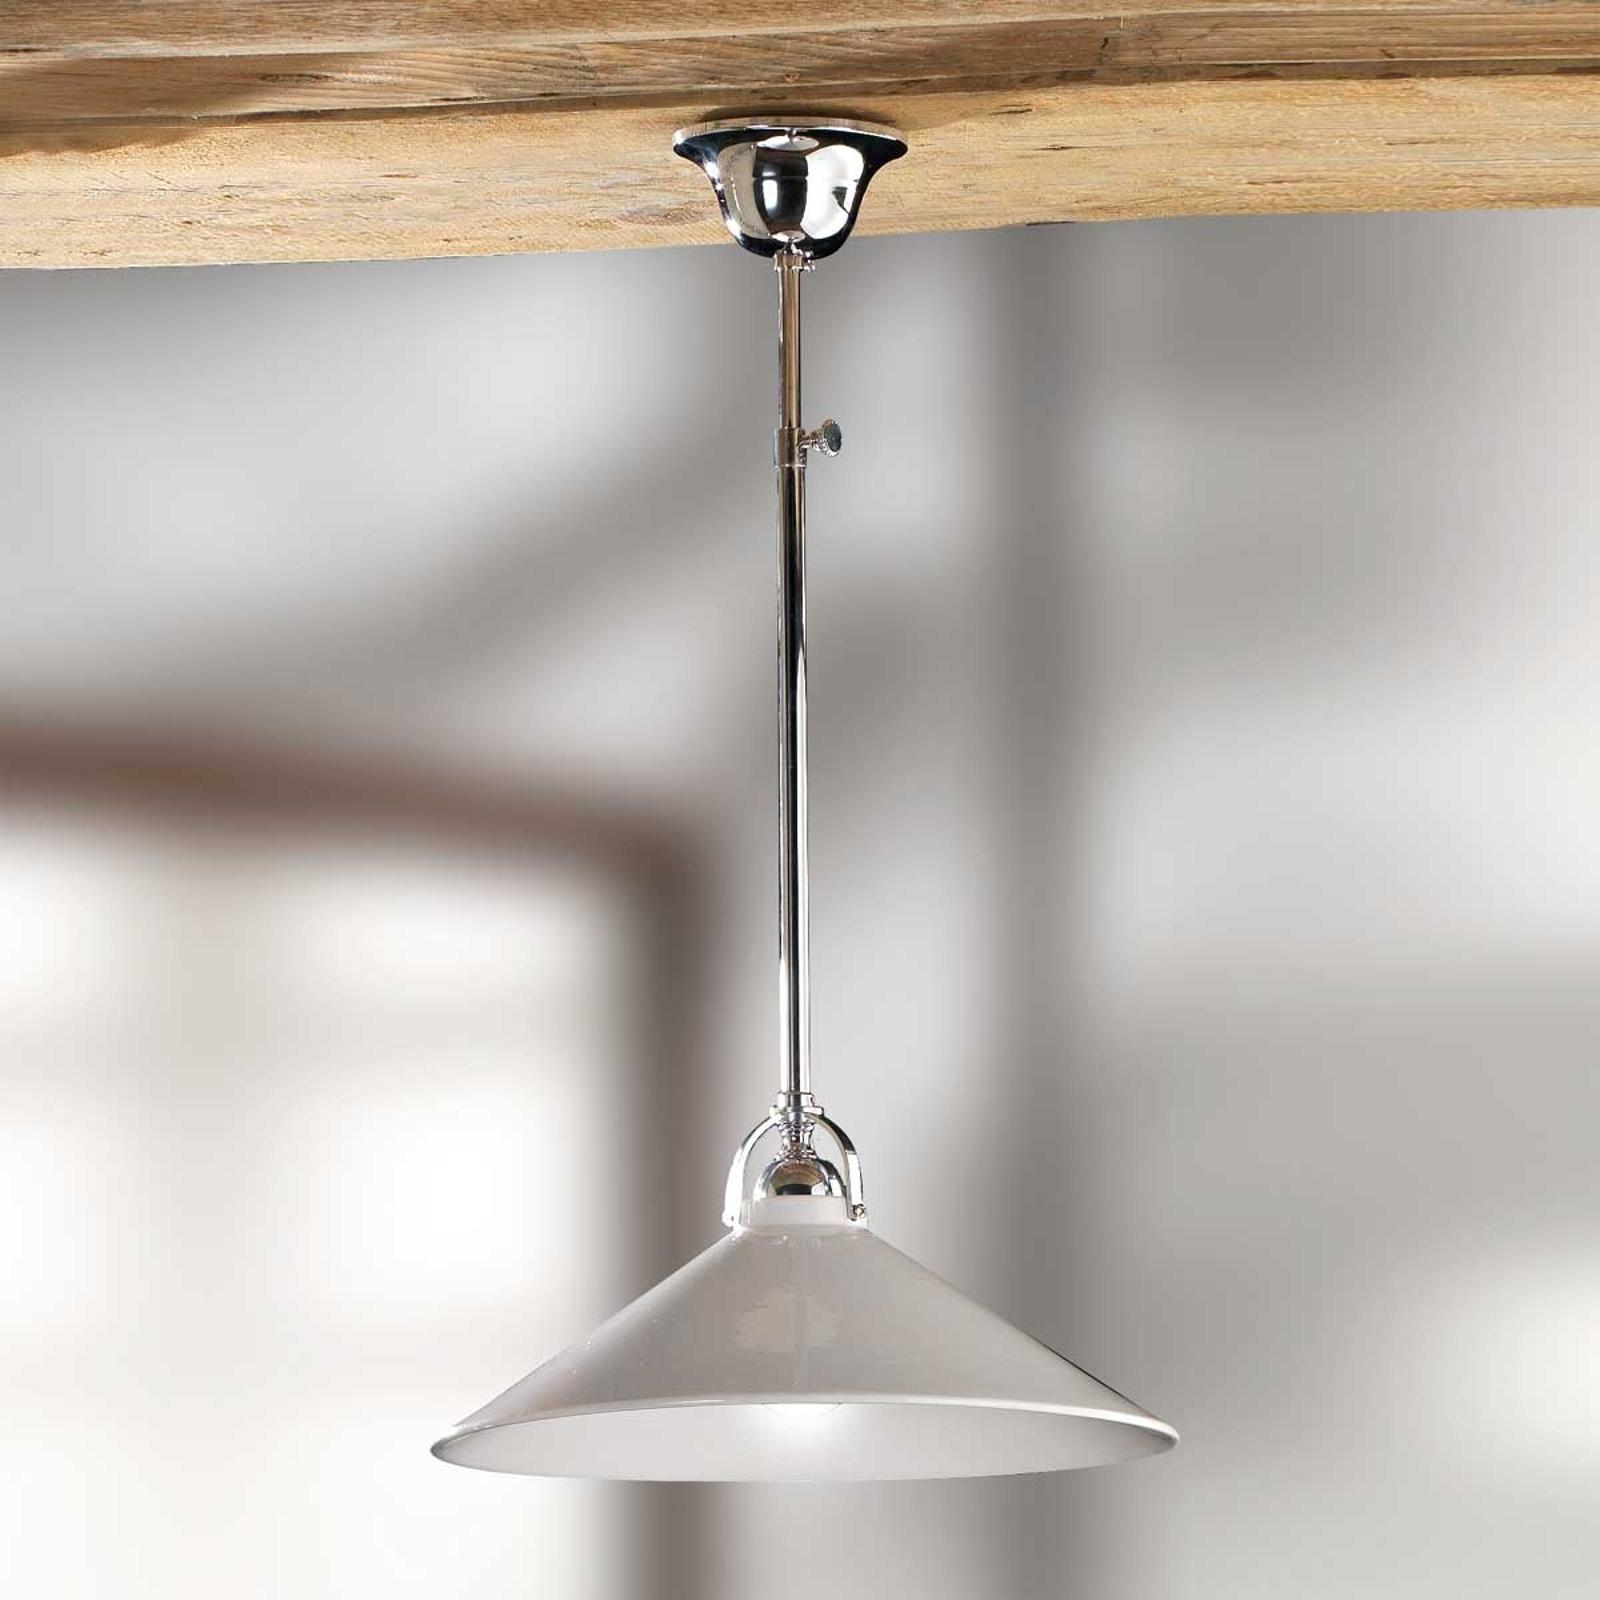 Hvid hængelampe GIACOMO med keramikskærm